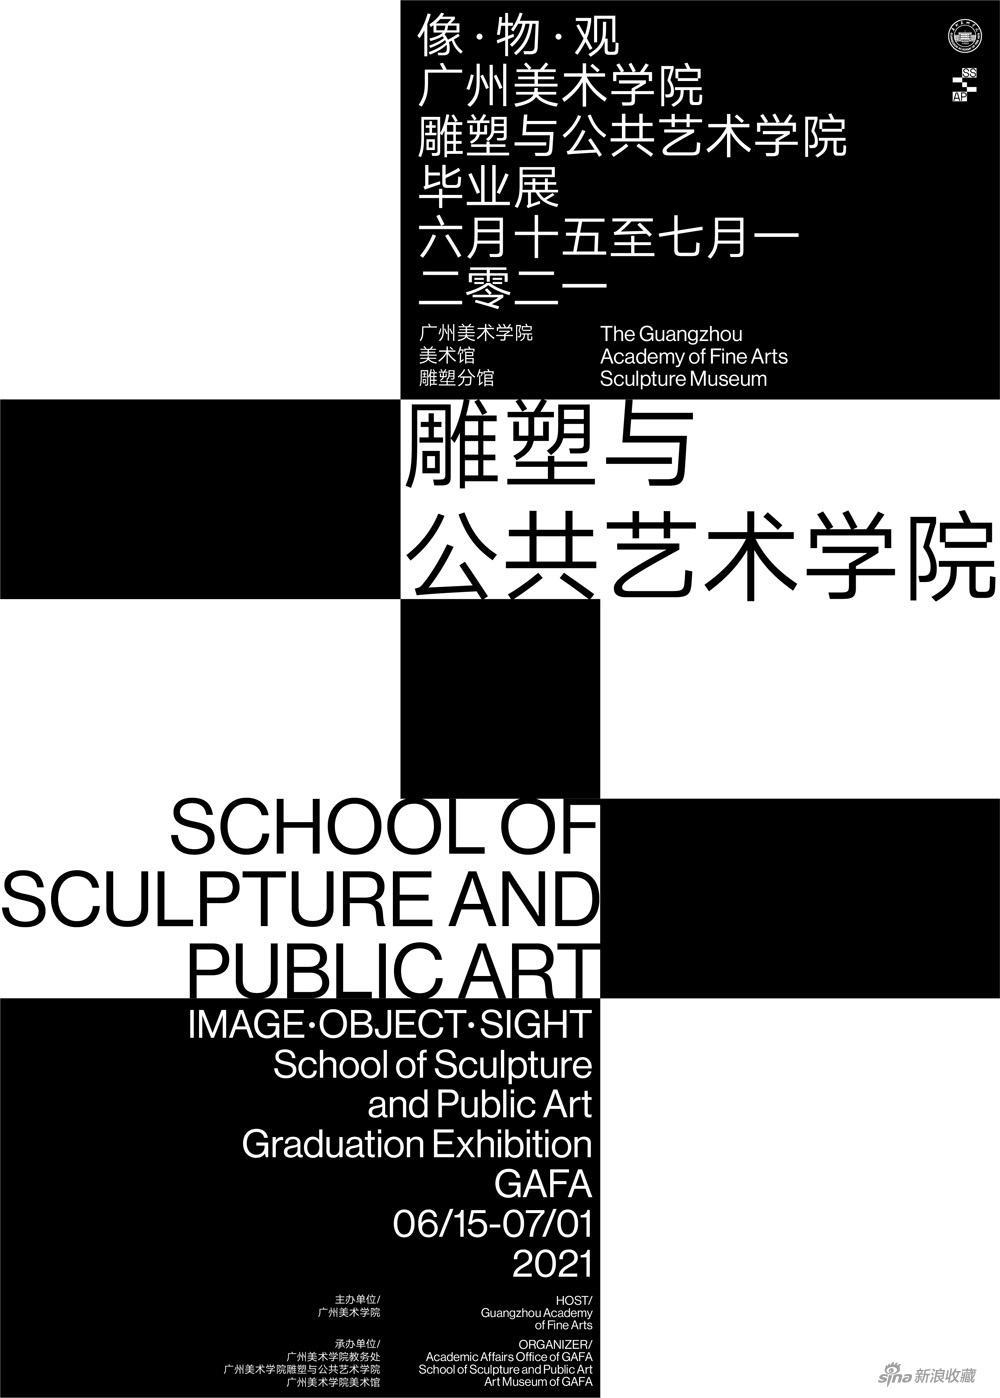 2021廣州美術學院雕塑與公共藝術學院線上畢業展